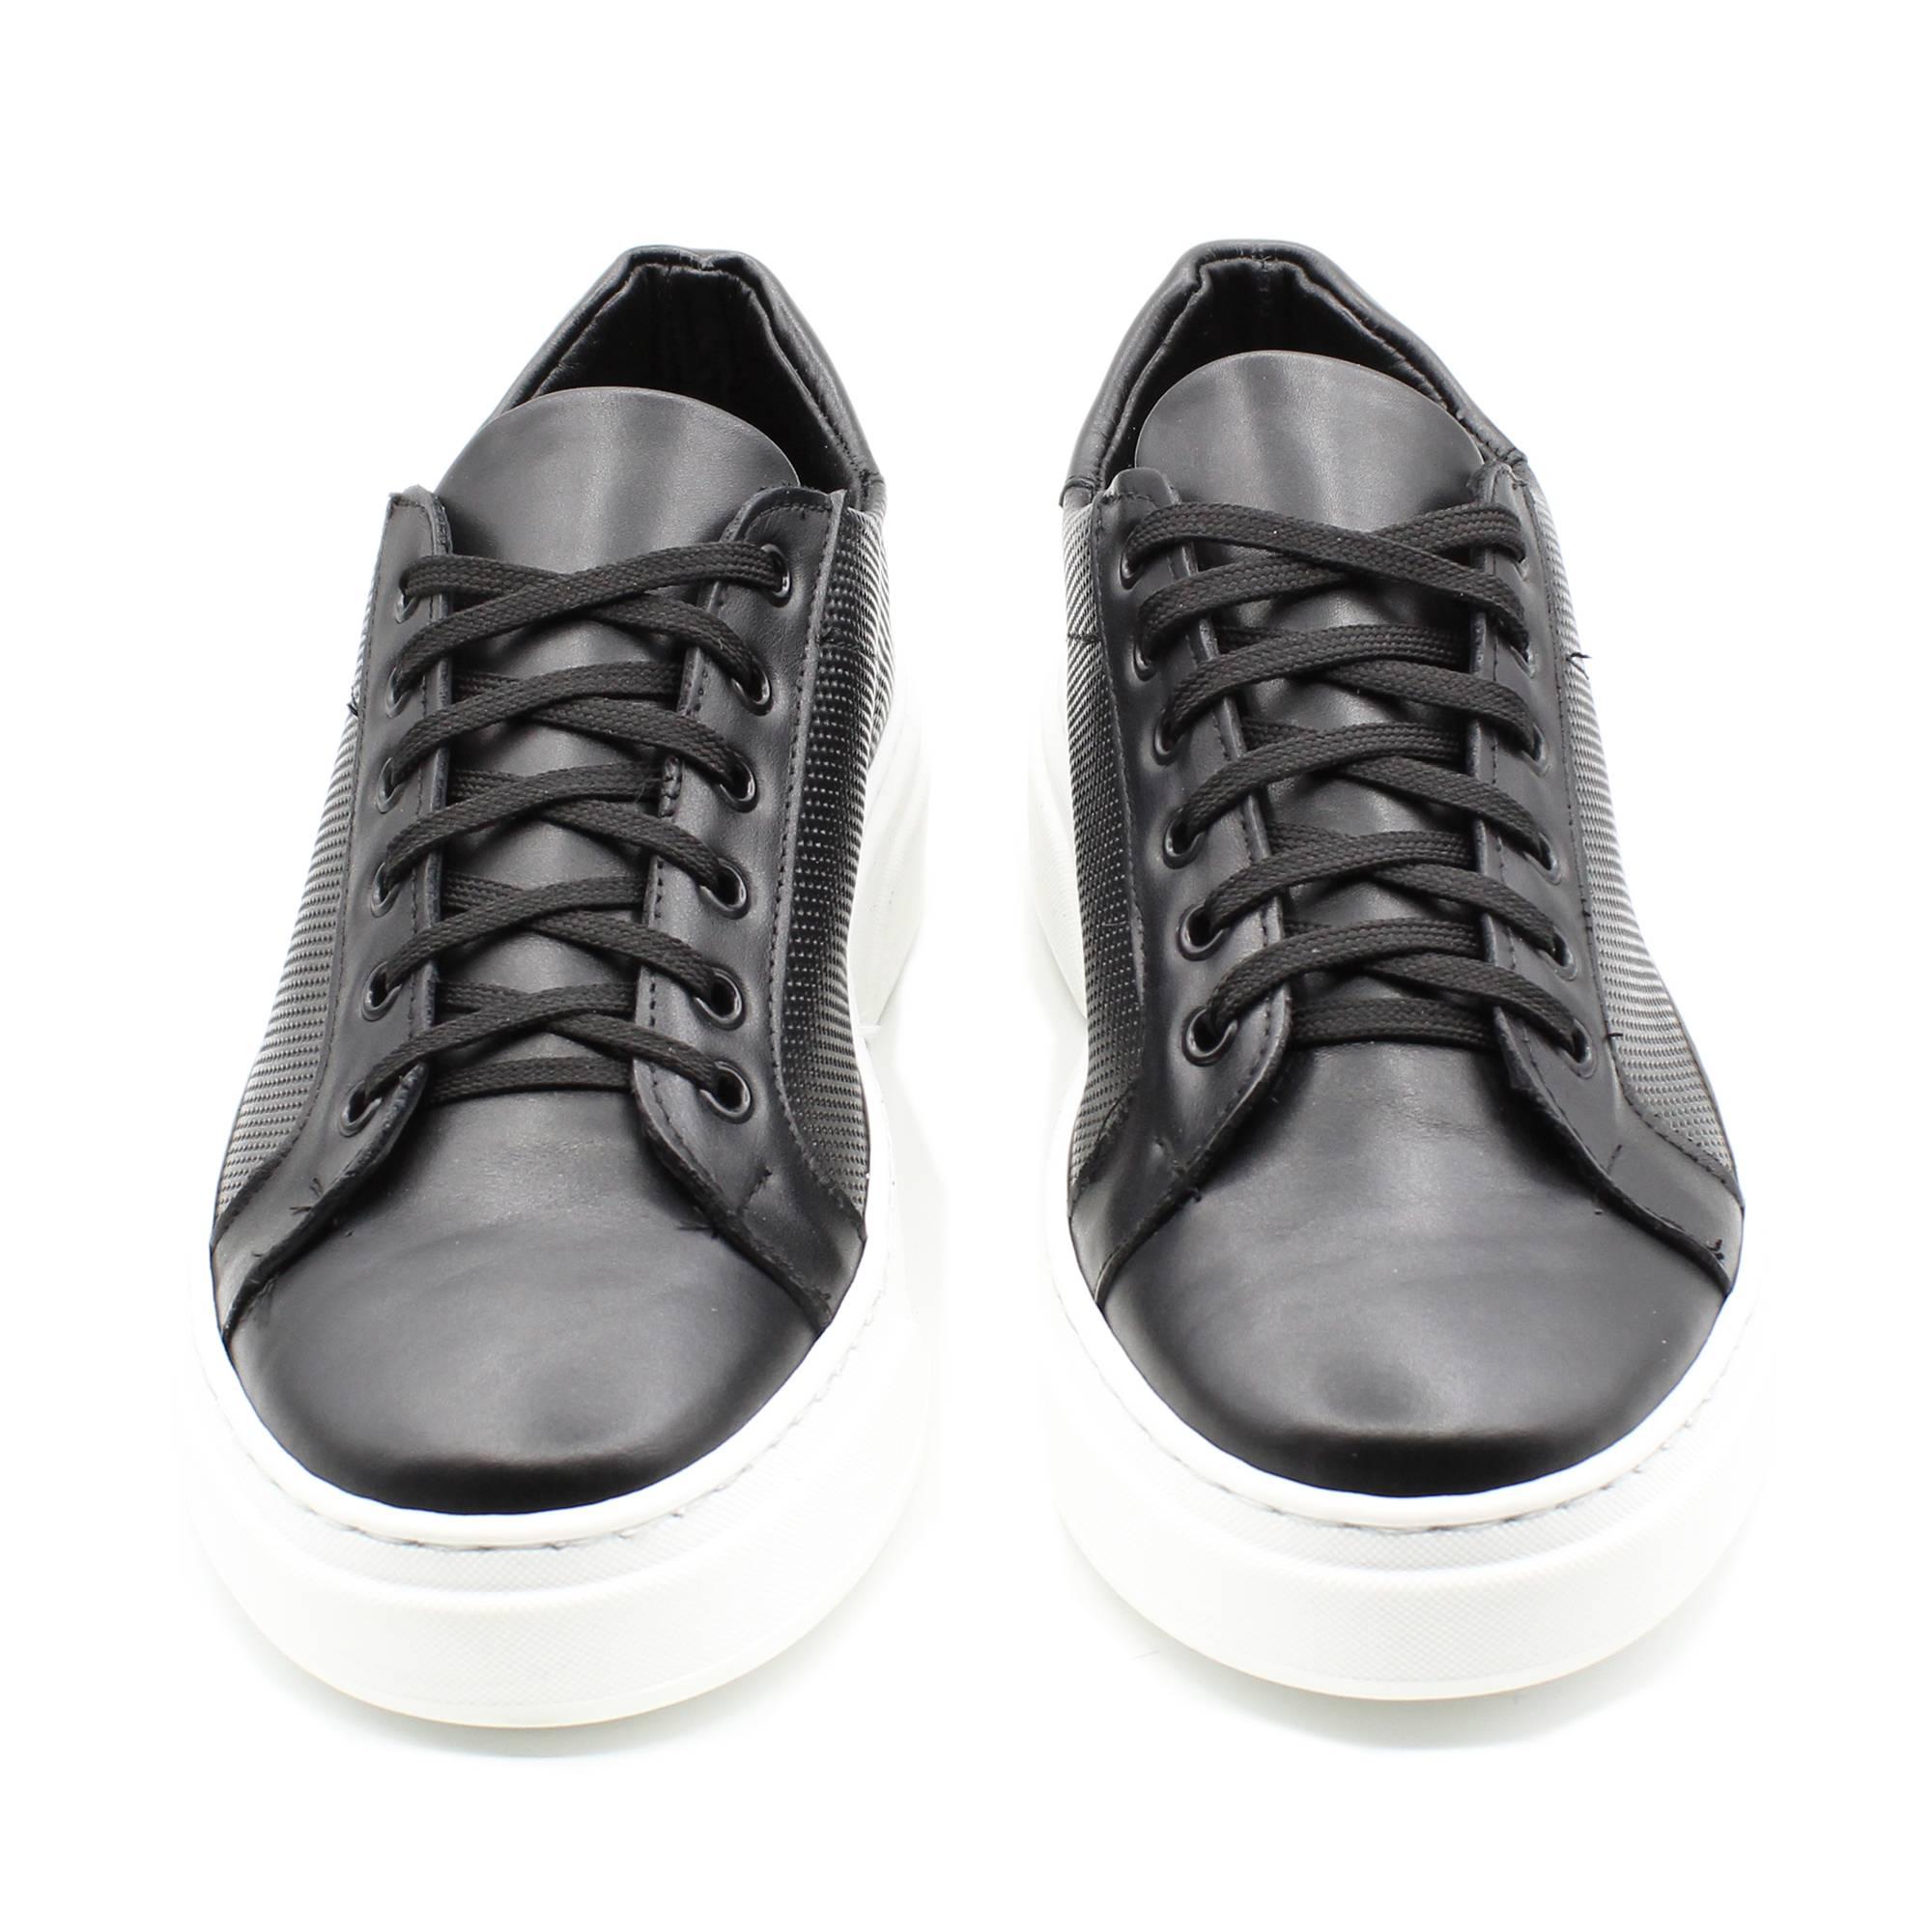 miniatura 8 - Sneakers-Uomo-in-Pelle-Basse-Nere-Blu-Scarpe-da-Ginnastica-Sportive-Eleganti